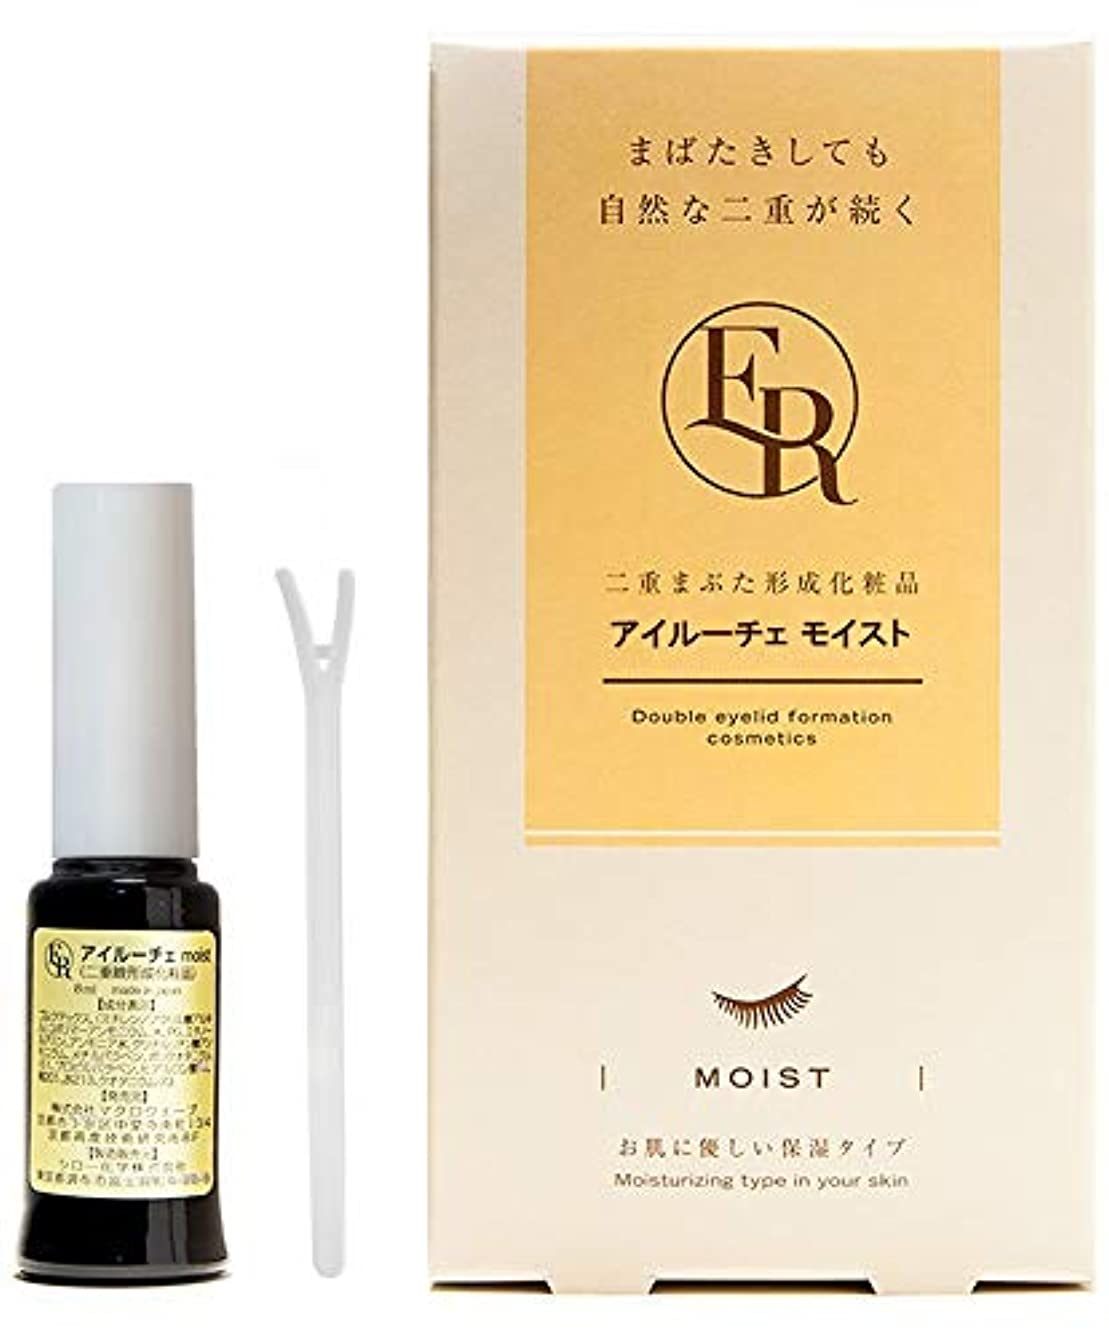 名前悩み愛アイルーチェ モイスト 8ml 二重まぶた形成化粧品 mer8mv2